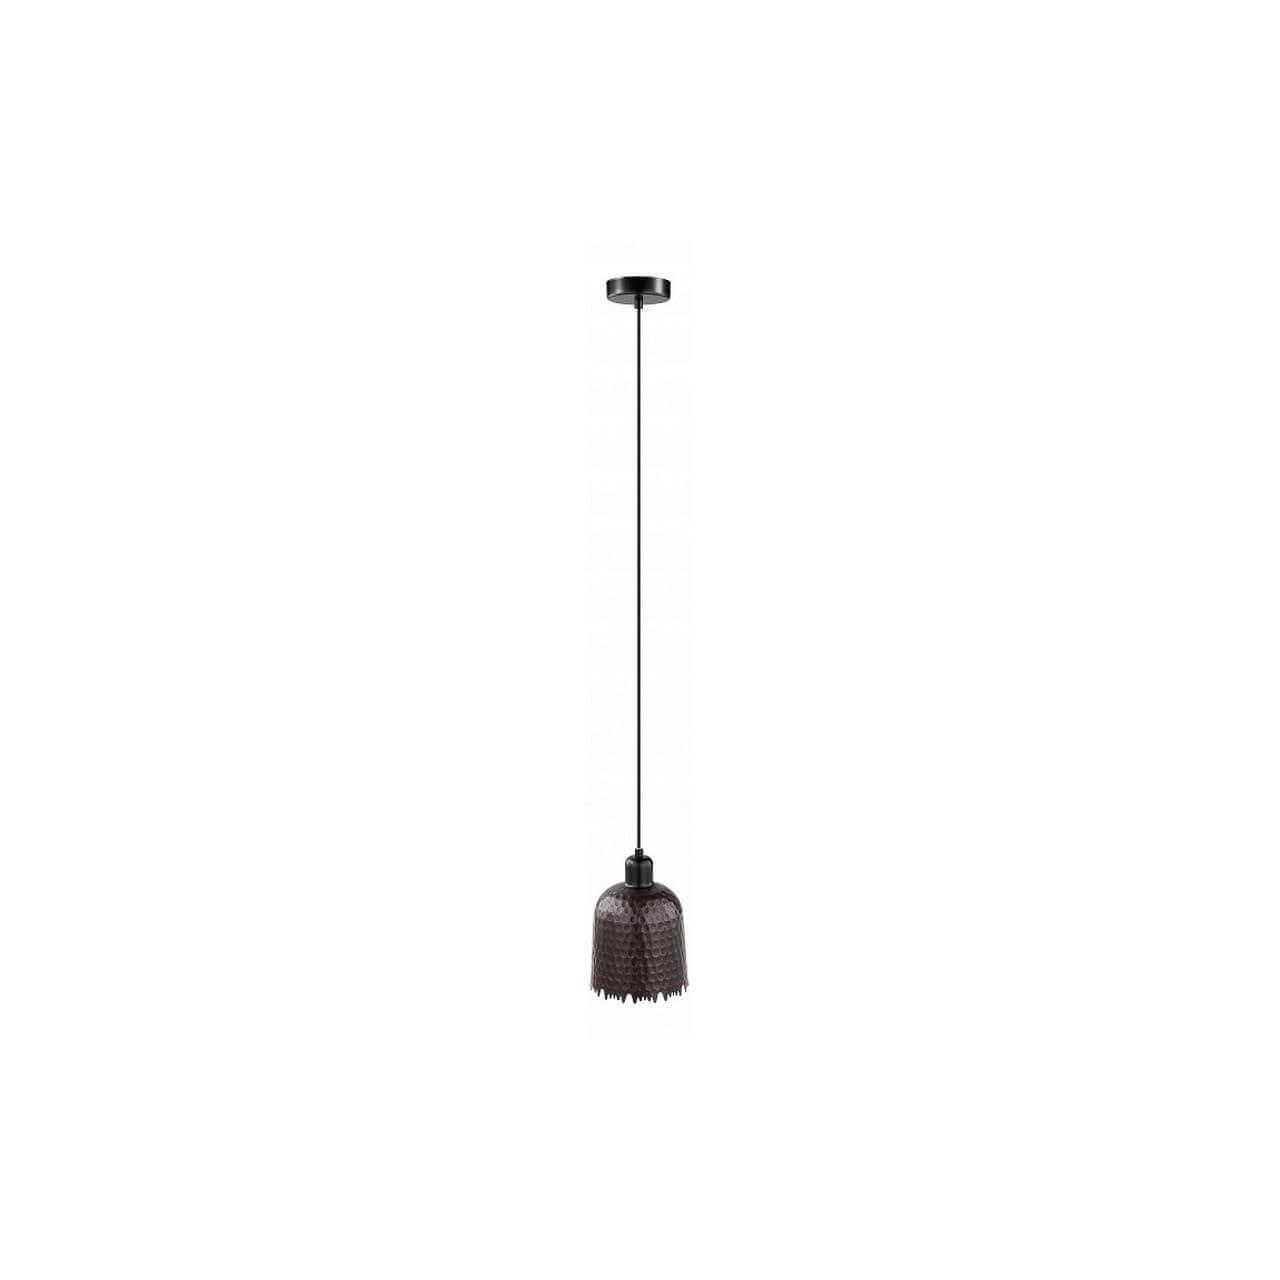 Подвесной светильник Eglo 49751, E27, 60 Вт